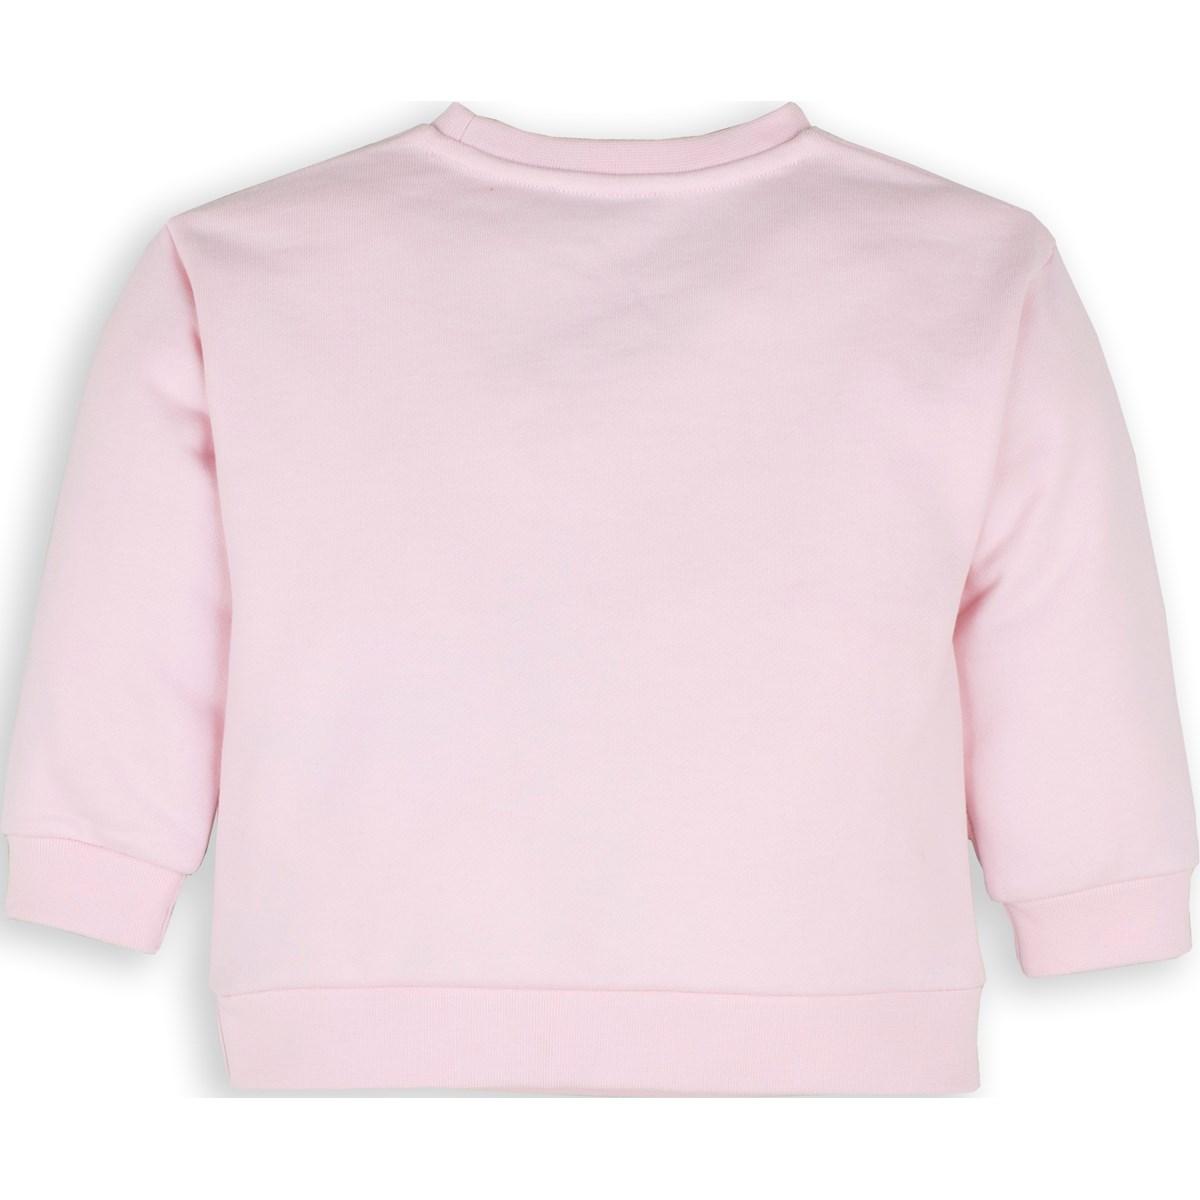 14097 Sweatshirt 2